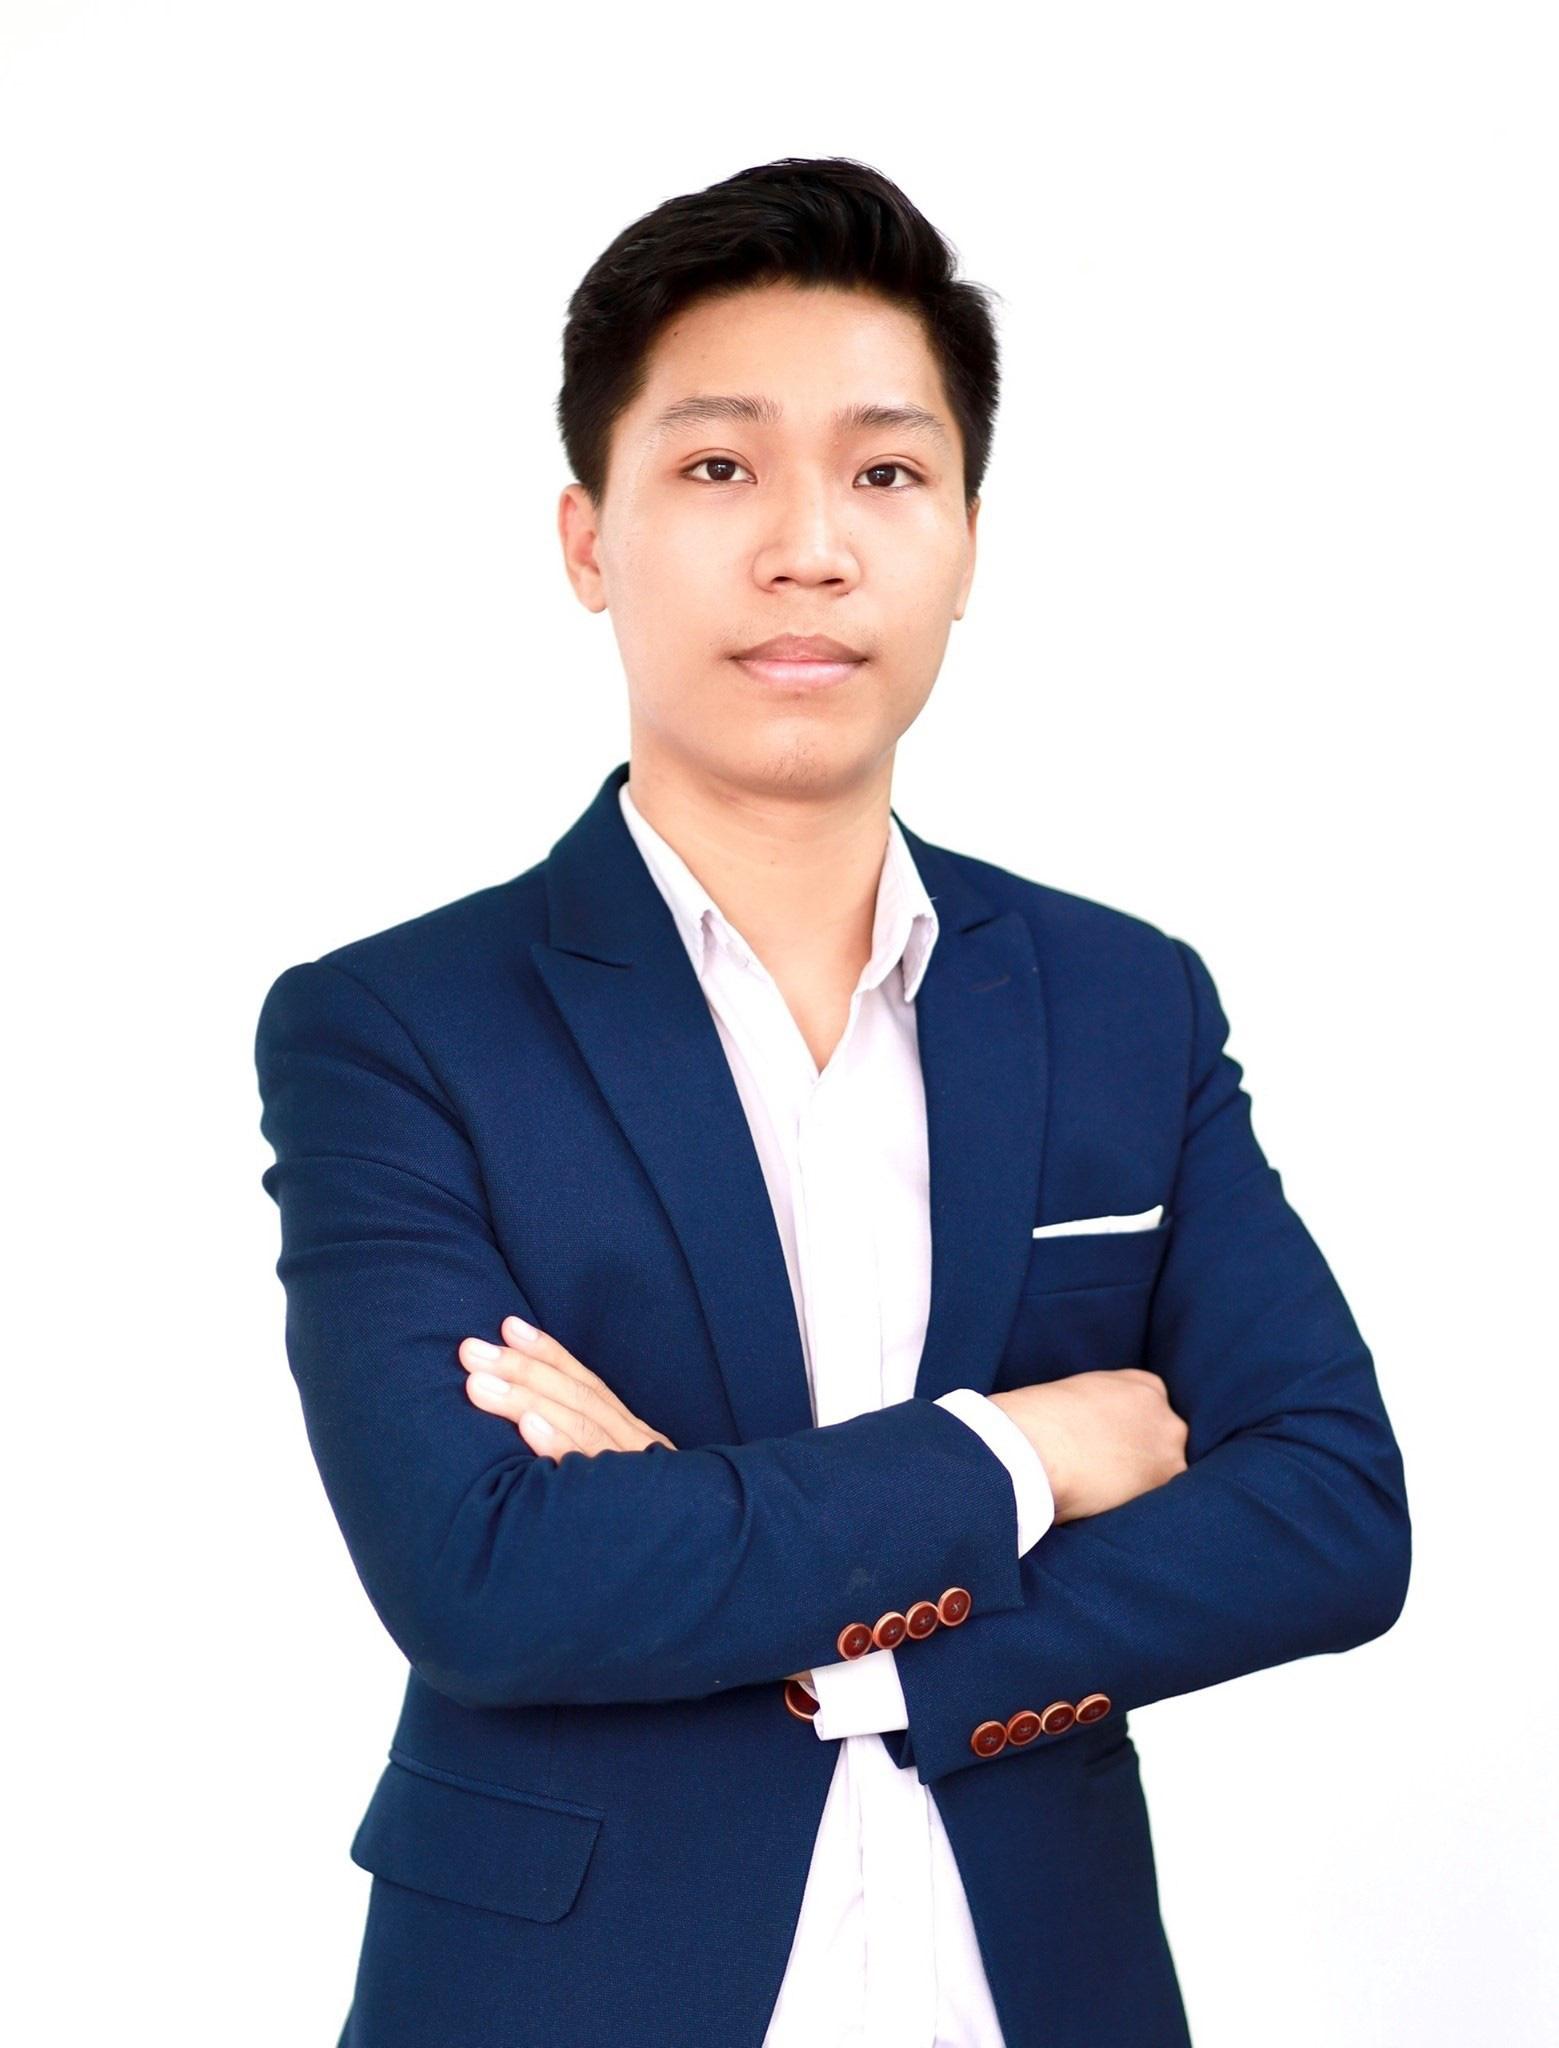 CEO Nguyễn Đình Mạnh: Giảng viên dạy xây dựng thương hiệu cá nhân vừa có tâm vừa có tầm - Ảnh 1.